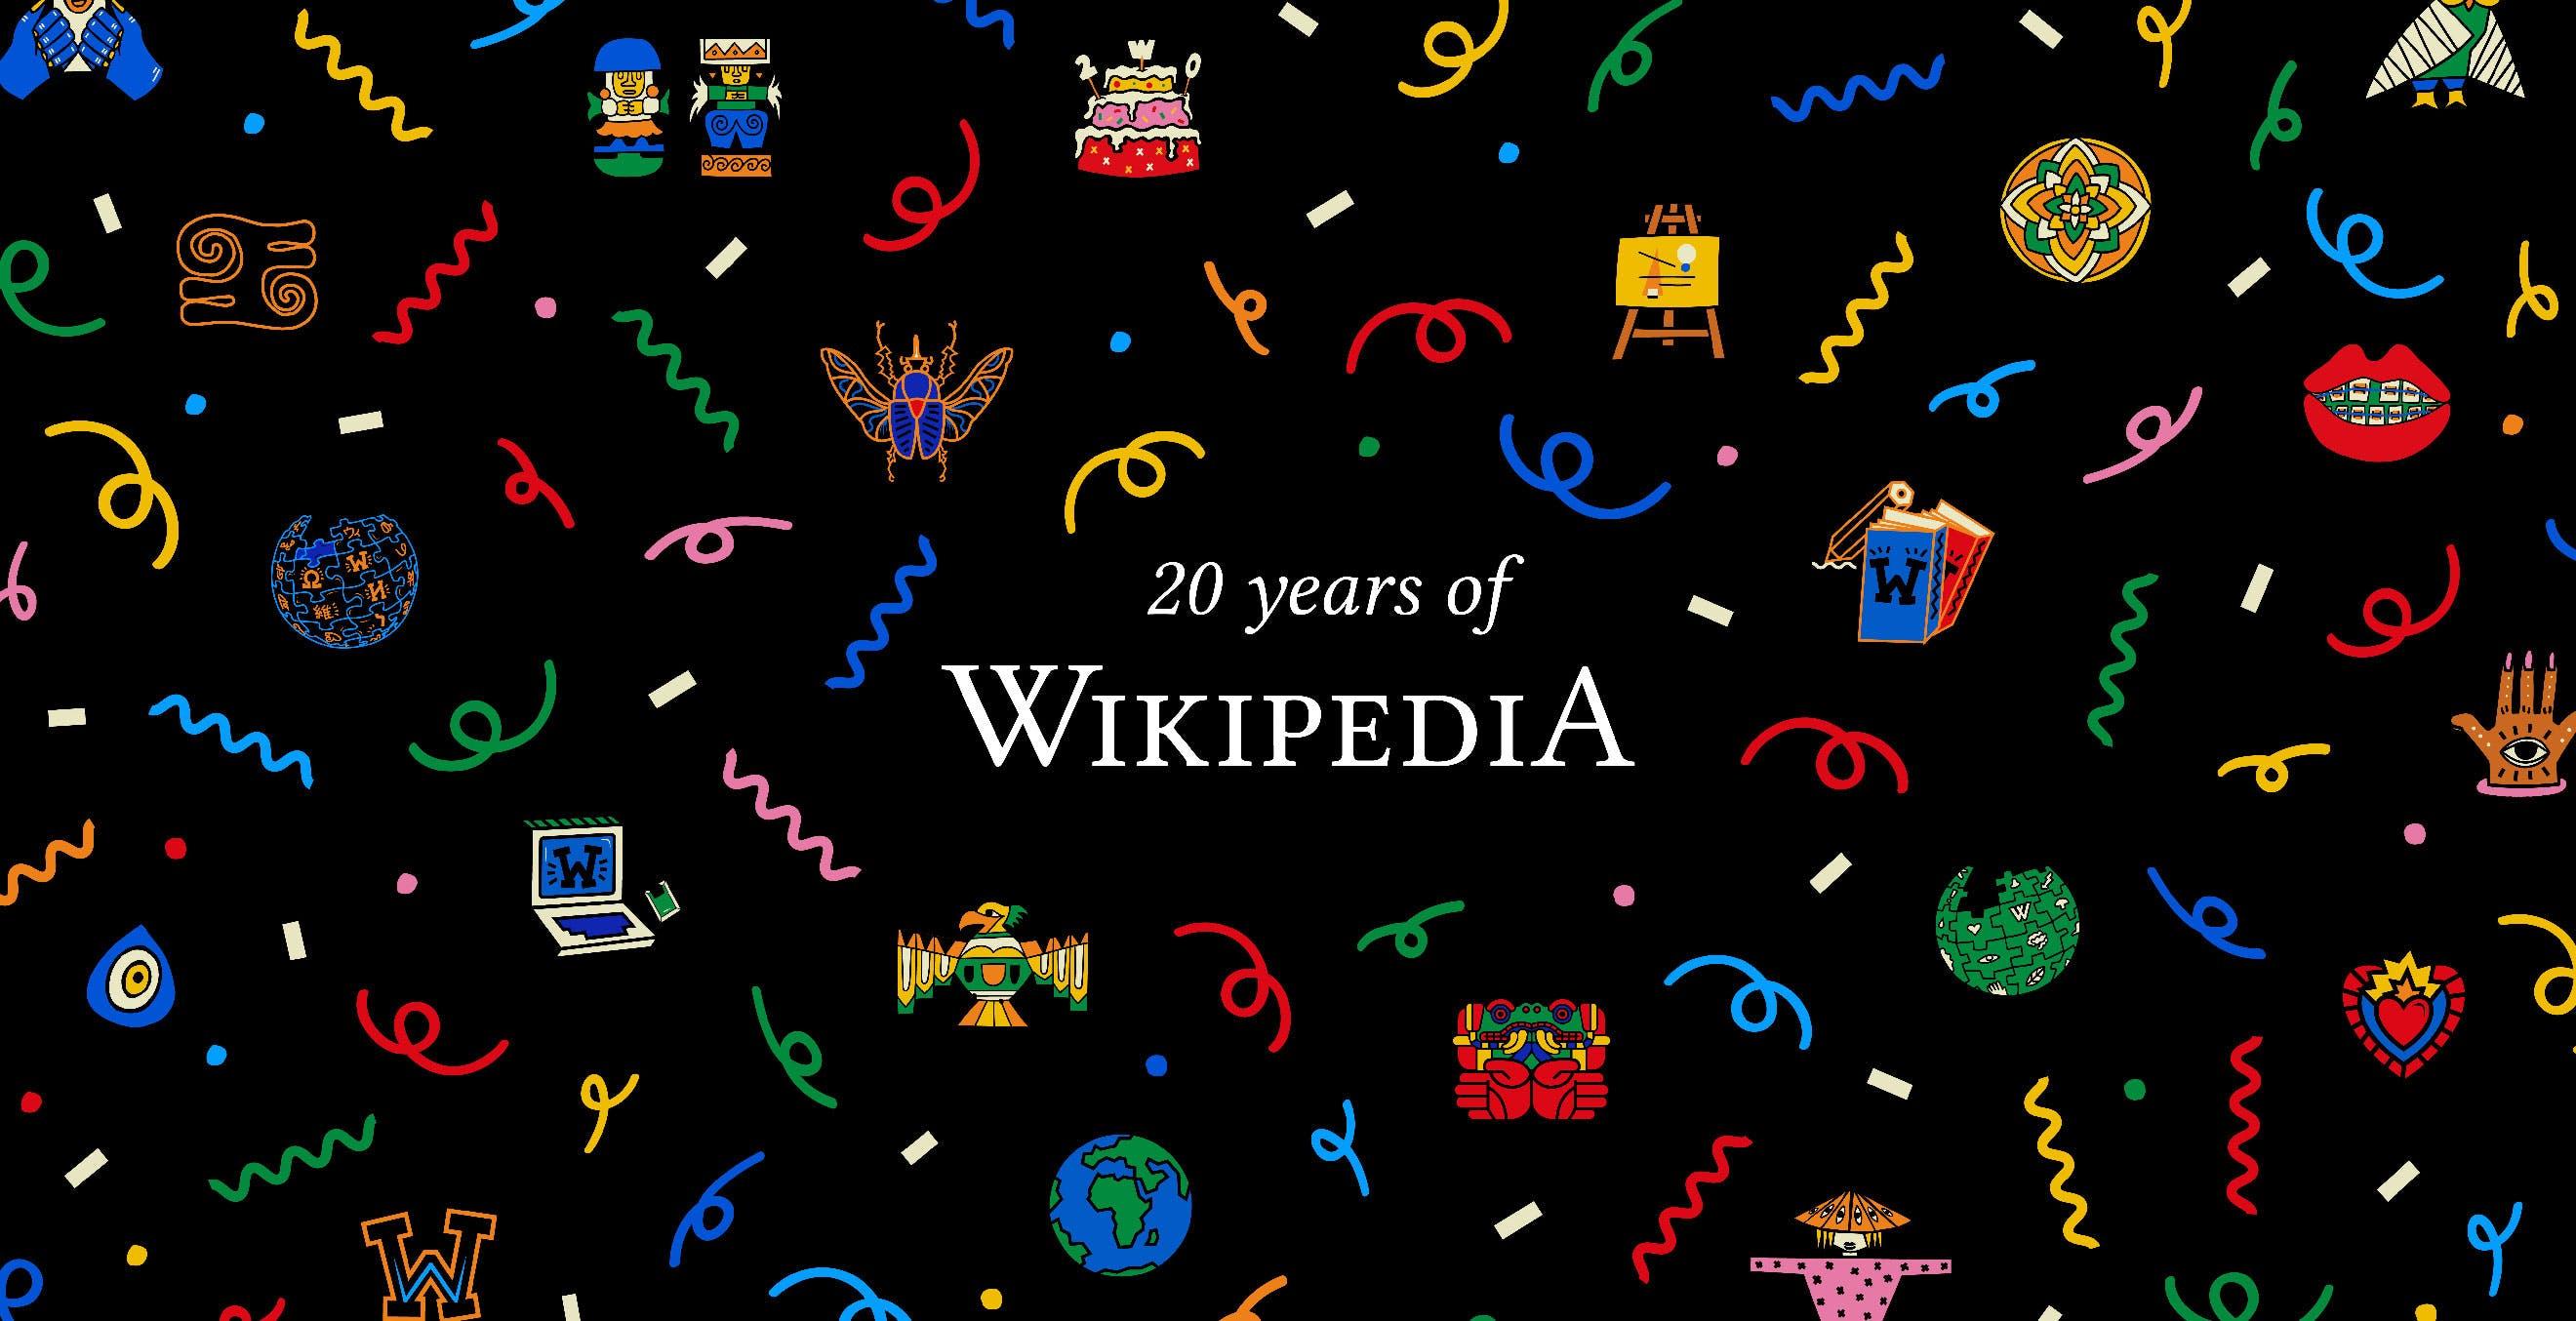 Tanti auguri a Wikipedia. Il più grande raccoglitore della conoscenza umana compie oggi 20 anni